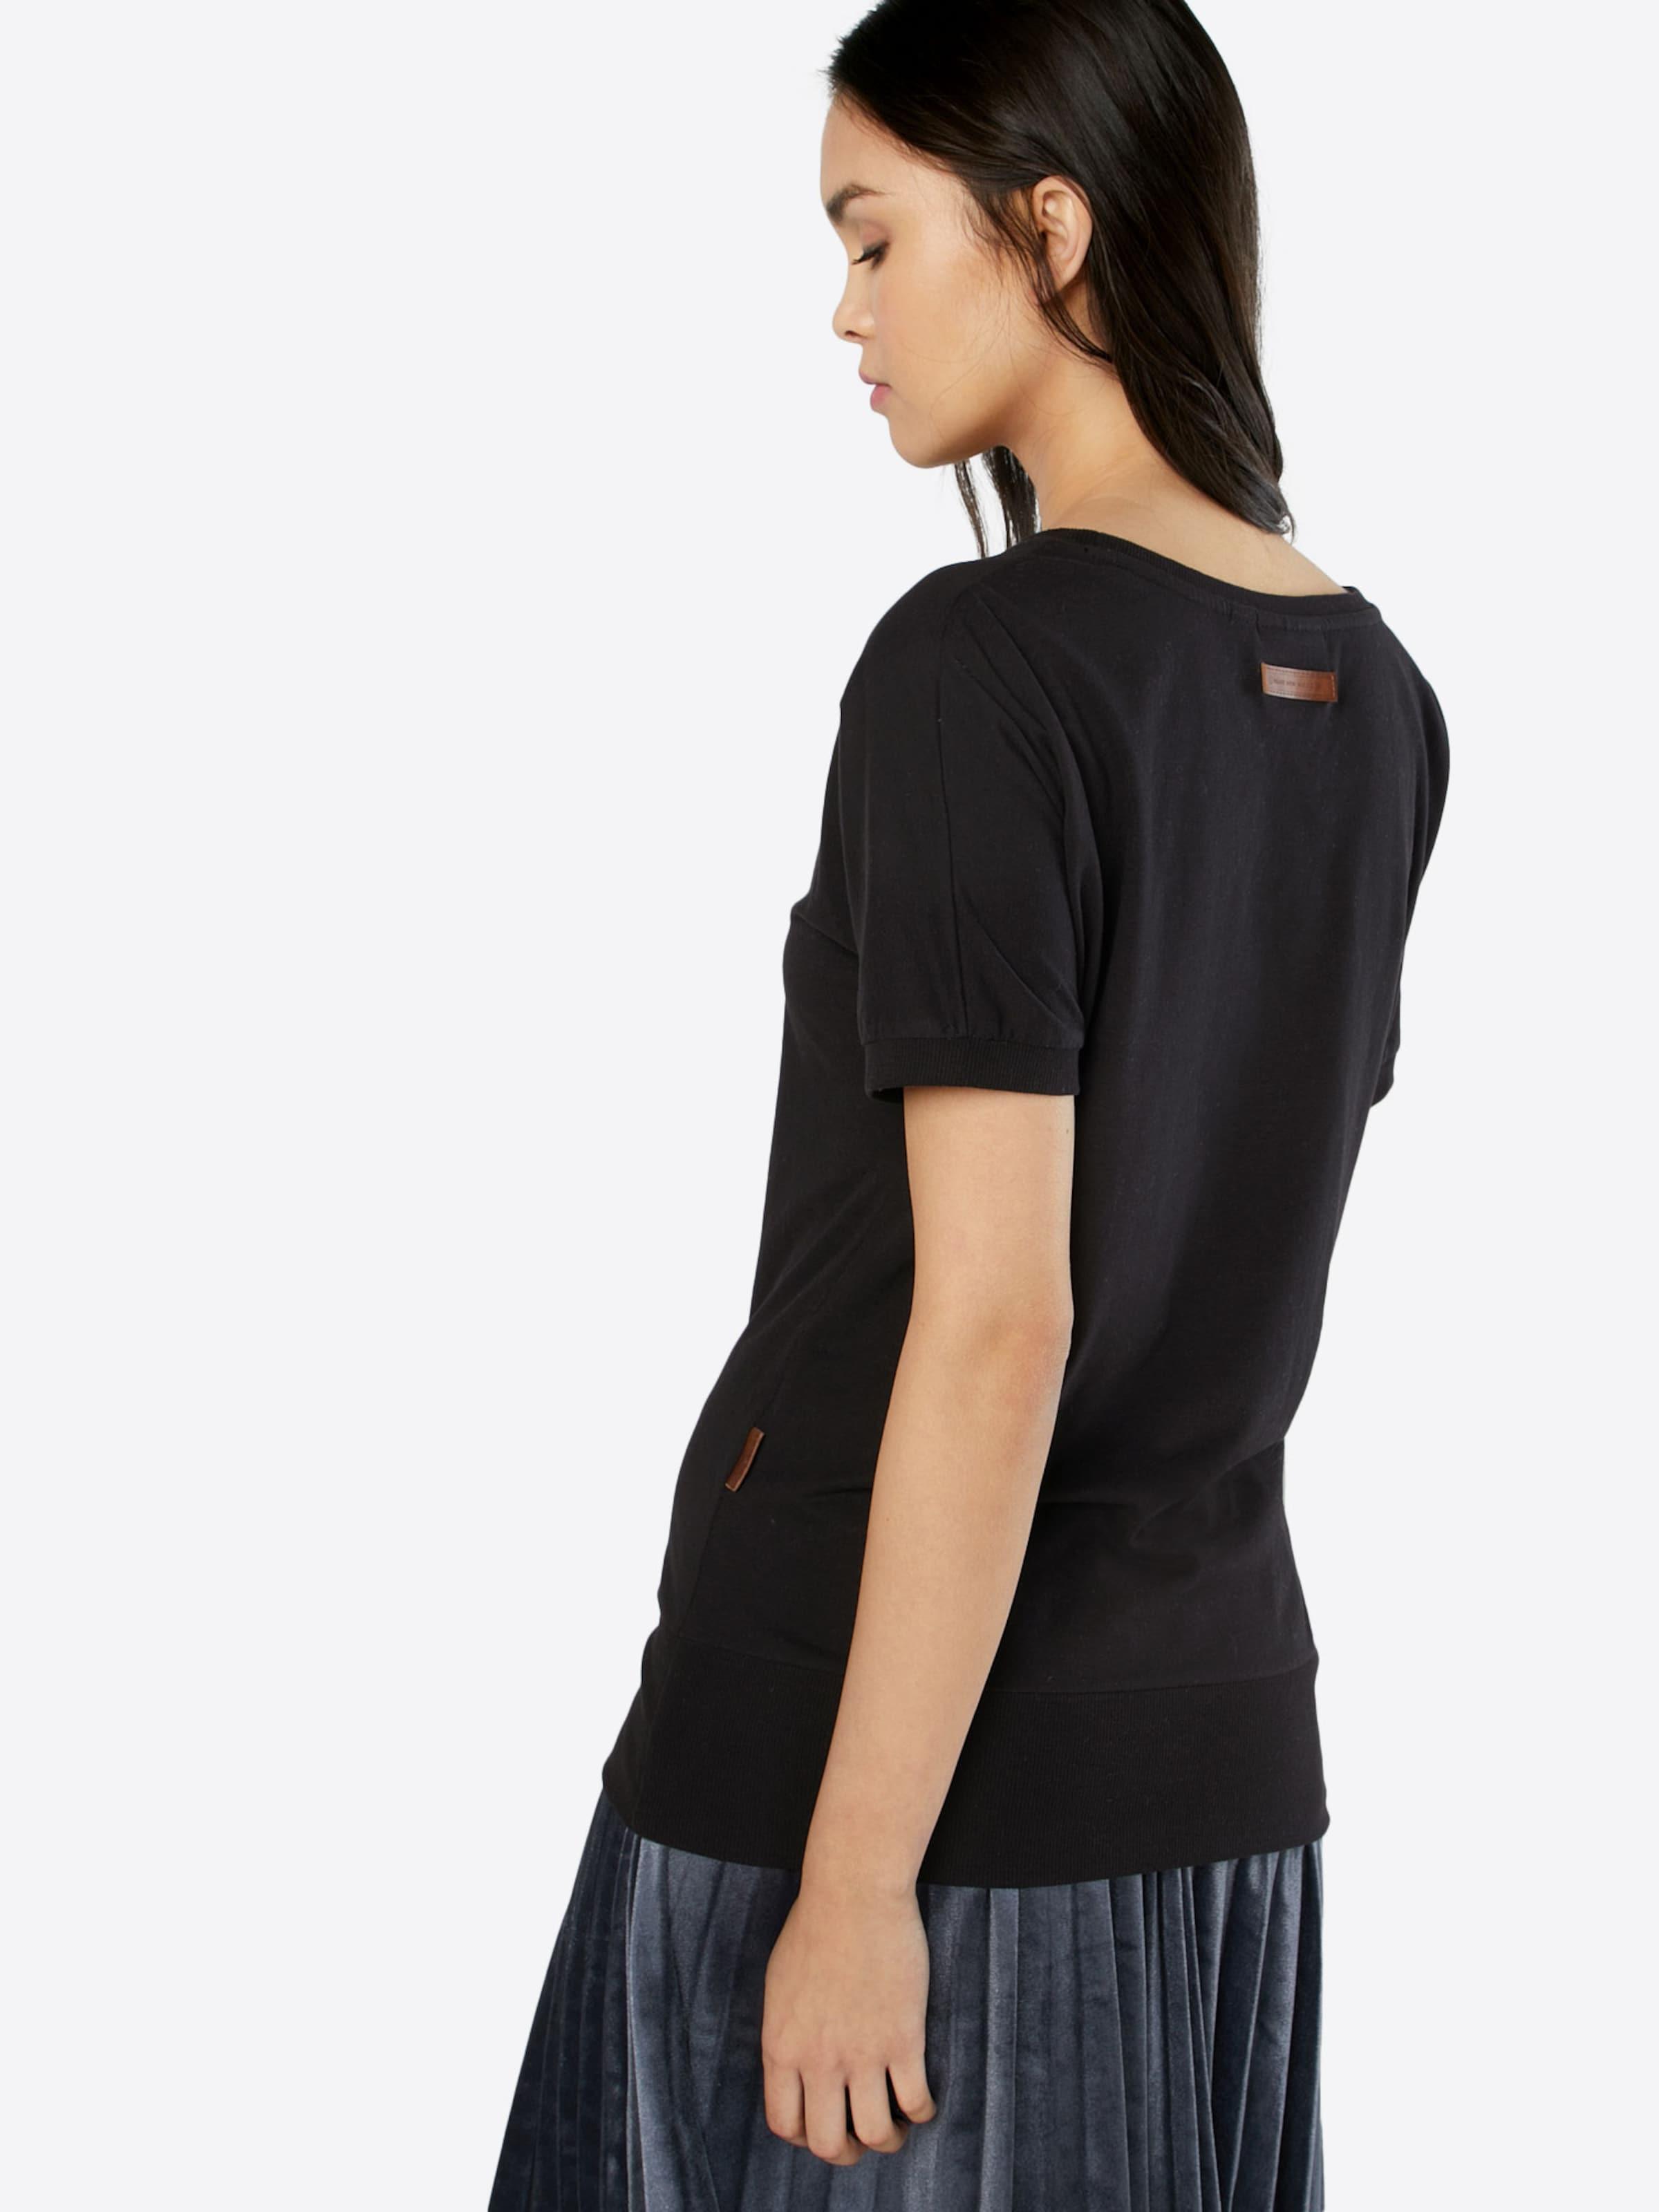 naketano Shirt 'Baunxxx wit it' Niedriger Preis Versandkosten Für Online Billig Verkauf Fabrikverkauf pudHcSHH